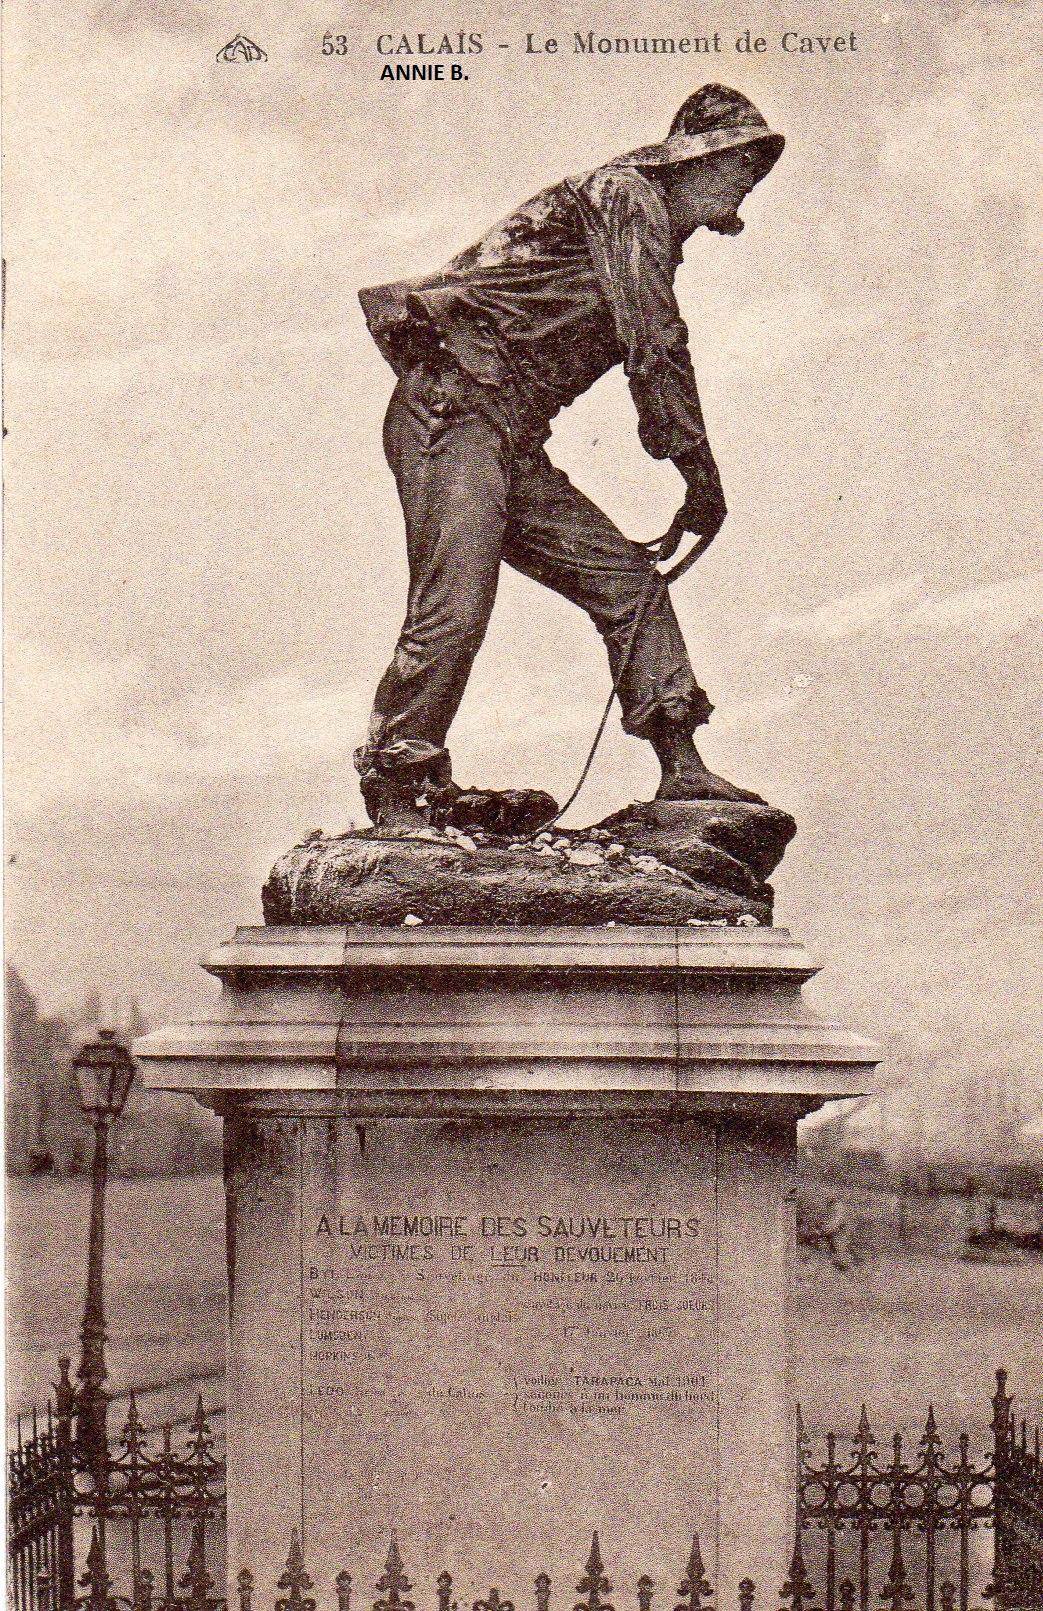 Monument des sauveteurs